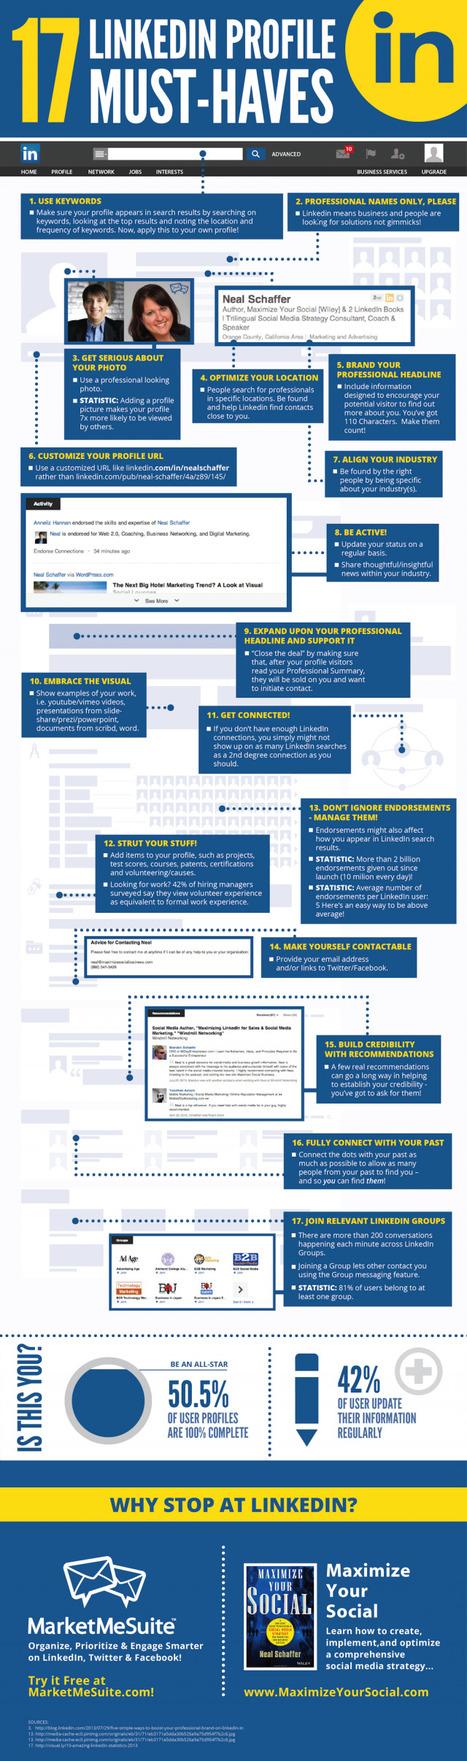 17 LinkedIn Profile Must-Haves [infographic] | La com des PME dynamiques | Scoop.it